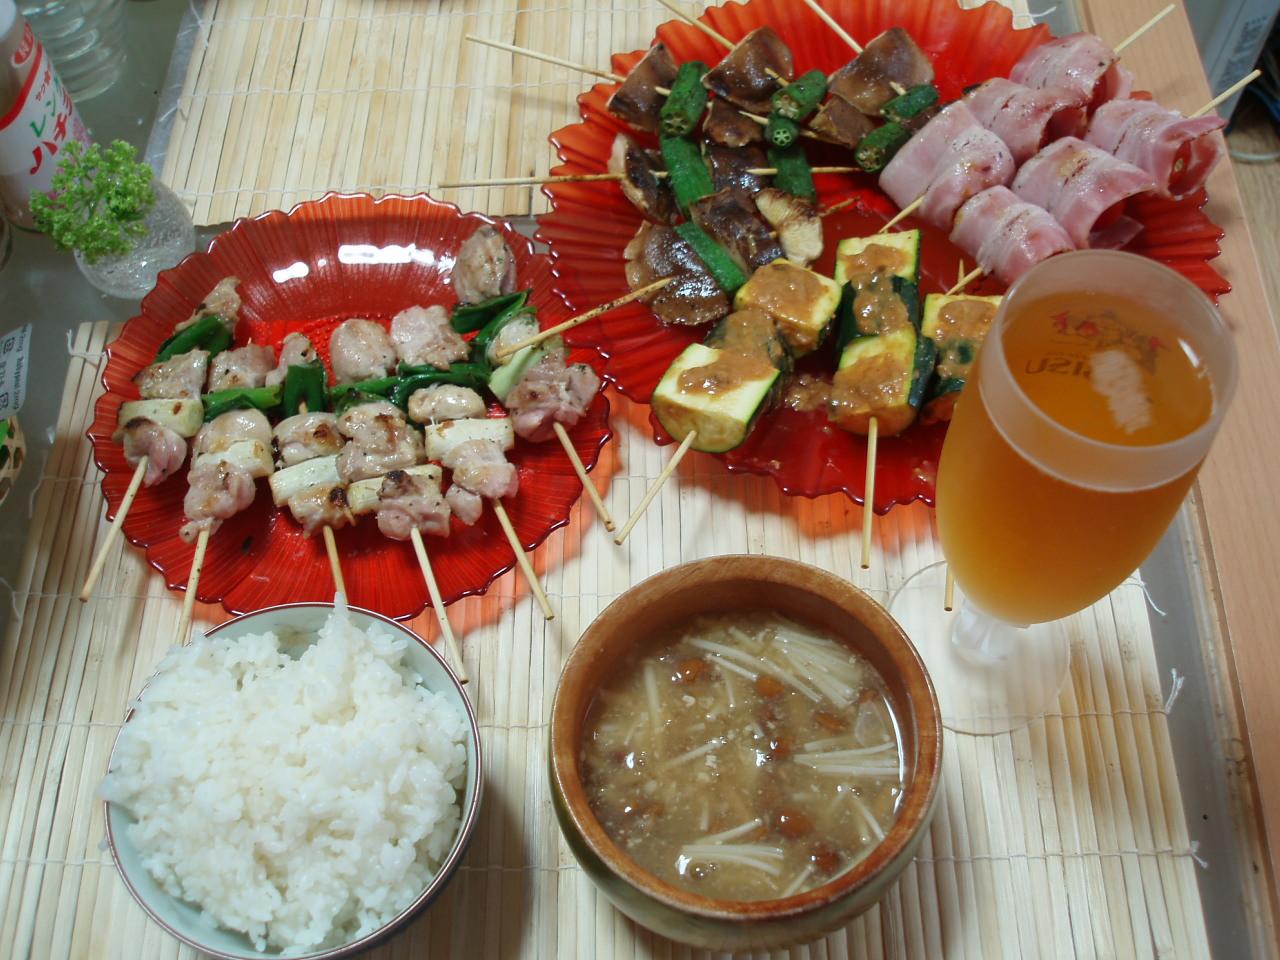 楽しい串焼き大パーティー♪_b0137453_18192238.jpg